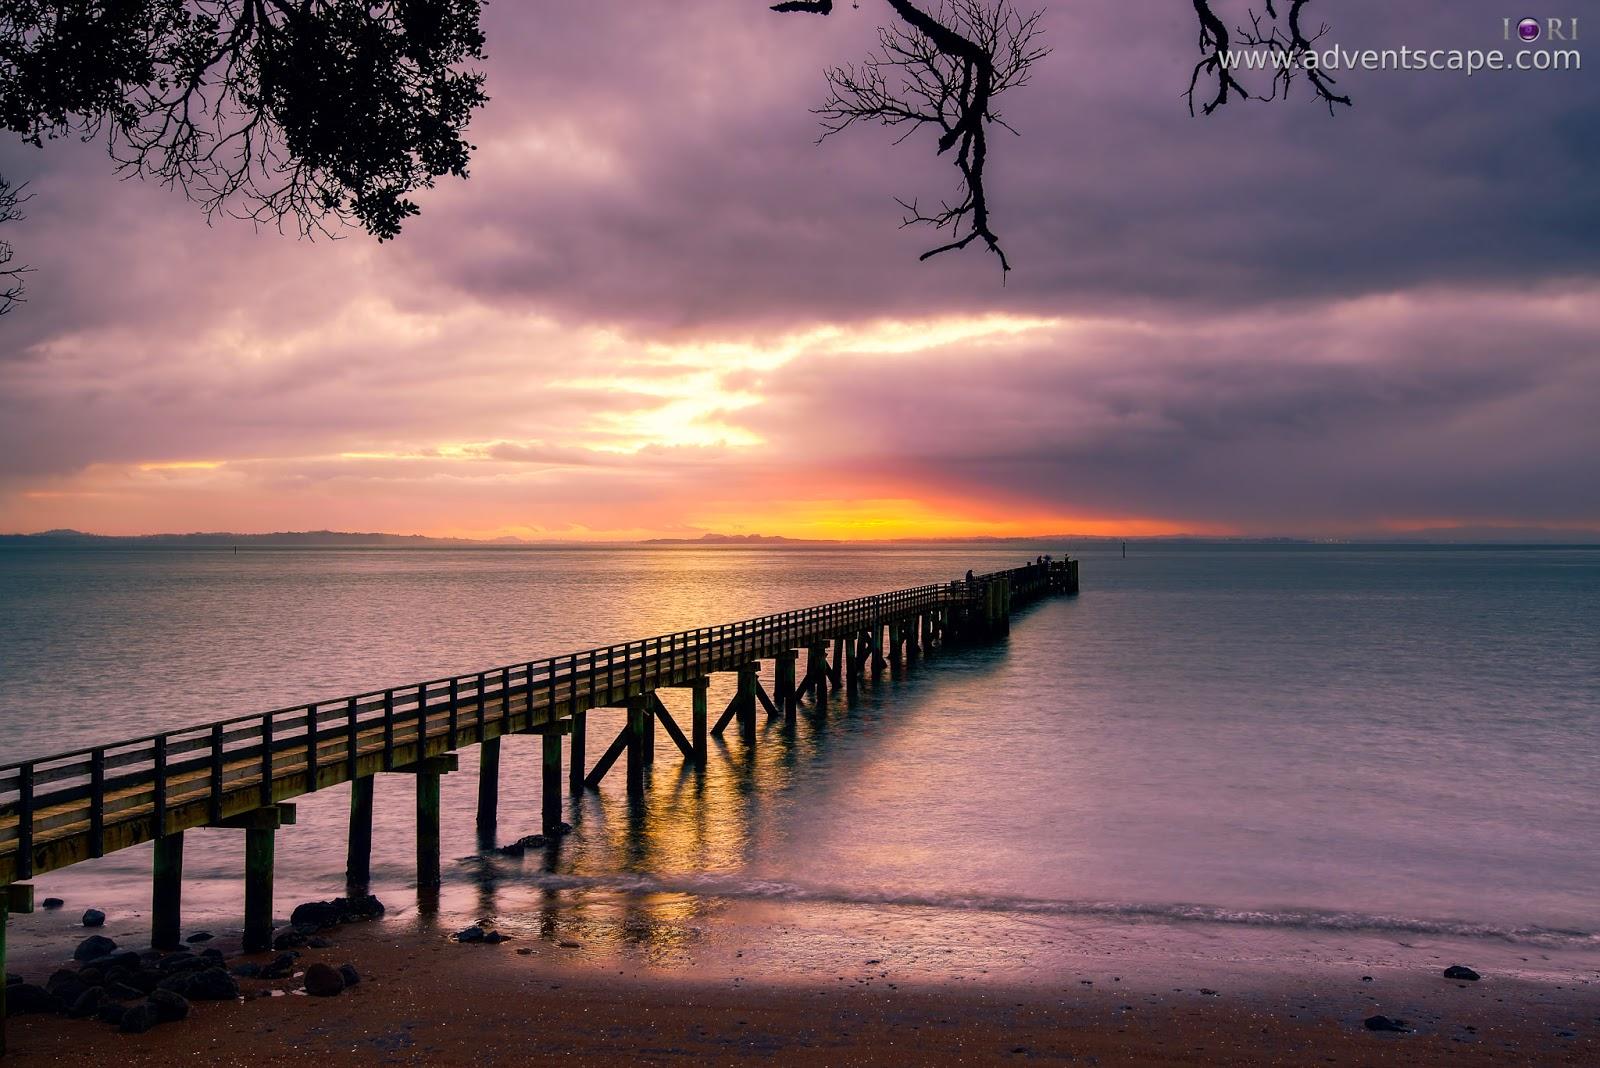 Philip Avellana, iori, adventscape, Cornwallis, jetty, seascape, landscape, North Island, New Zealand, fine art, sunrise, right side, camera right